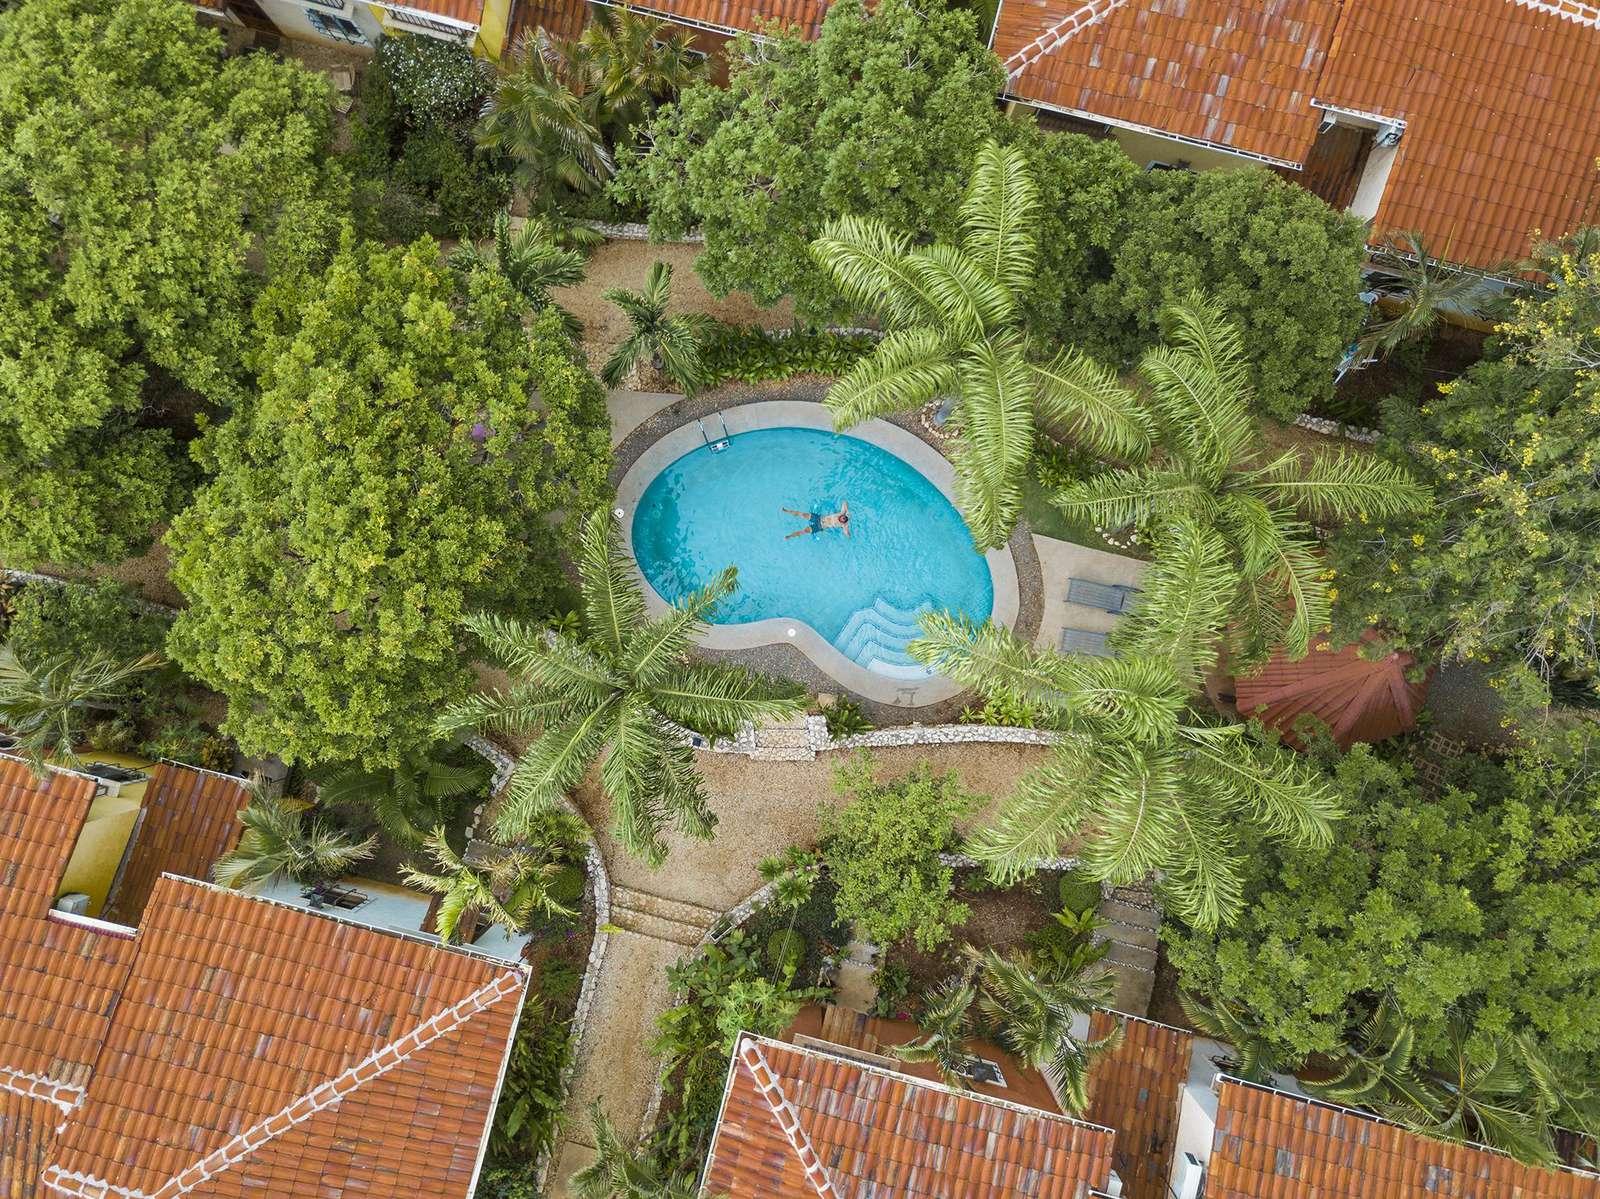 Pueblo del mar community aerial view and pool area